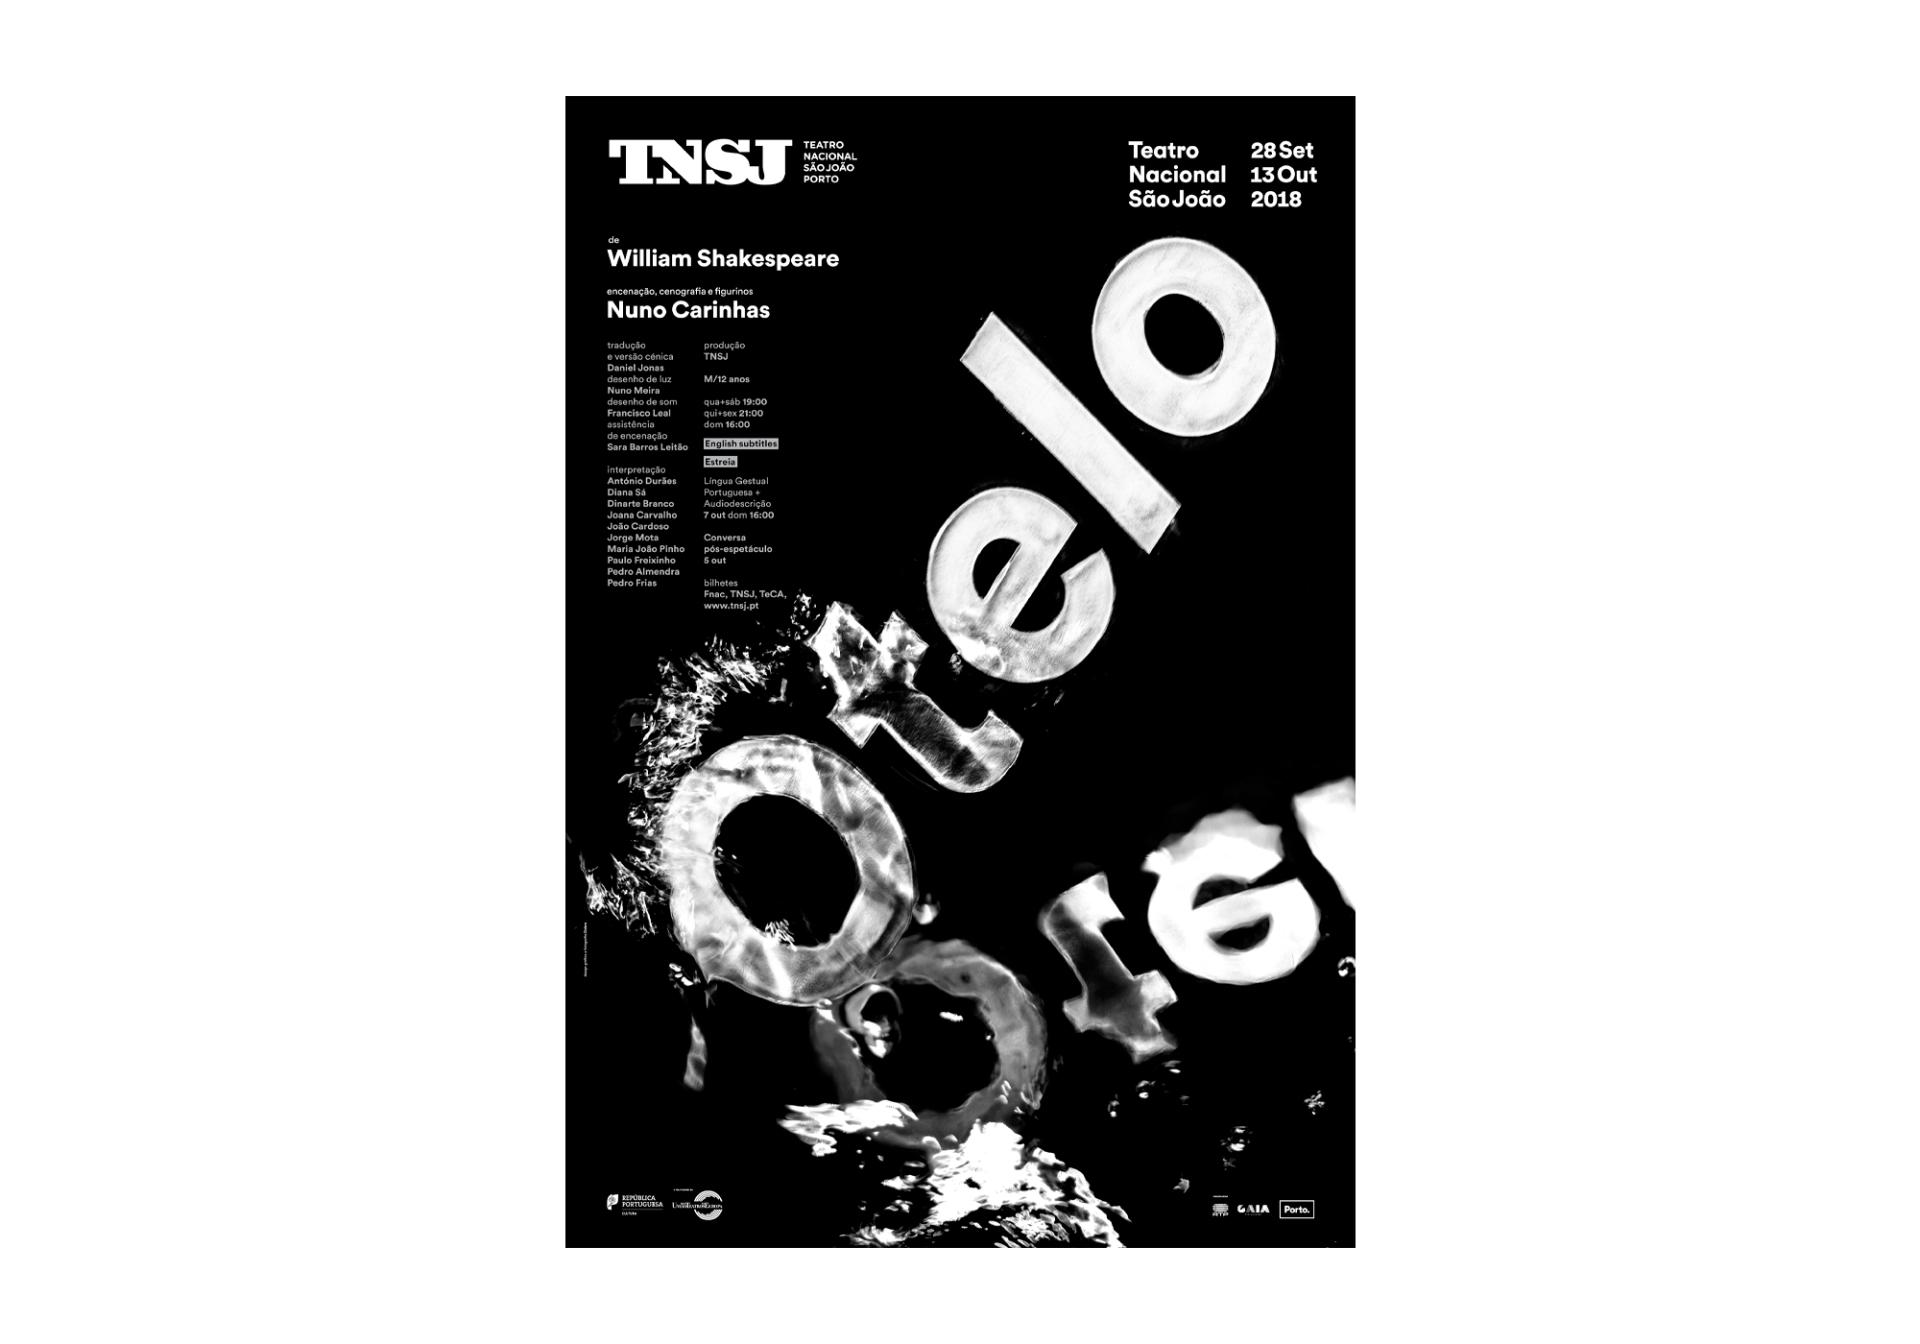 São João National Theatre Posters 2017-2018 Image:4 dobra-tnsj-Otelo